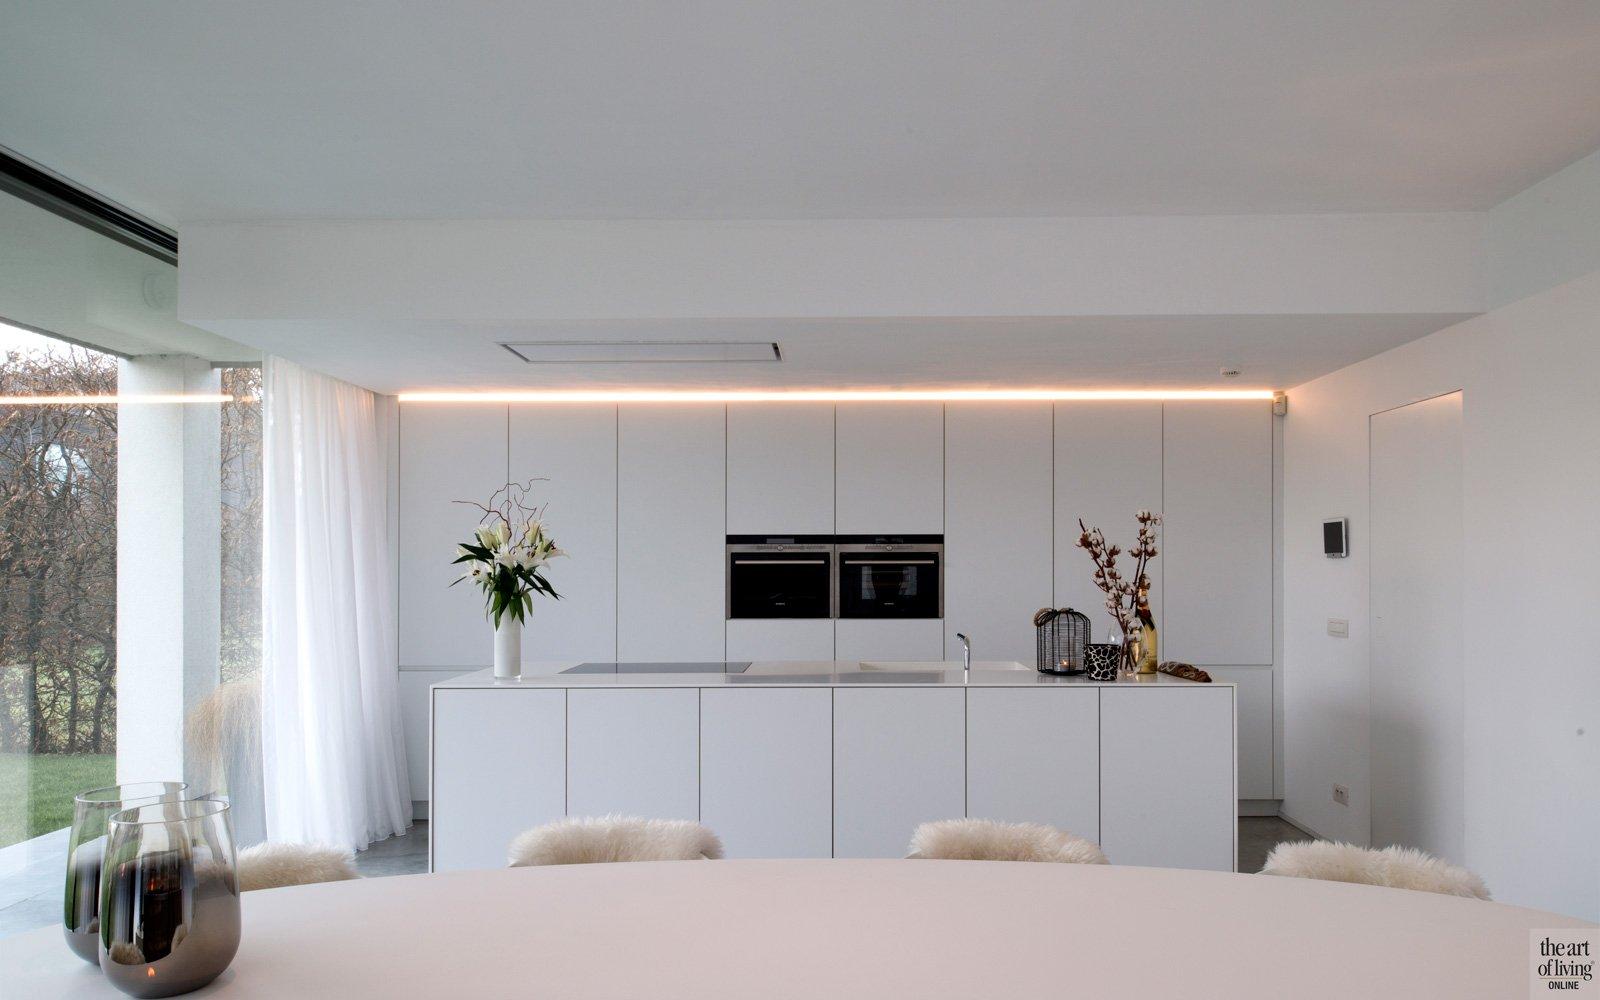 Minimalistische witte keuken, Interpoint, maatwerk, verstopte afzuiging, hedendaagse villa, Leers & Partners